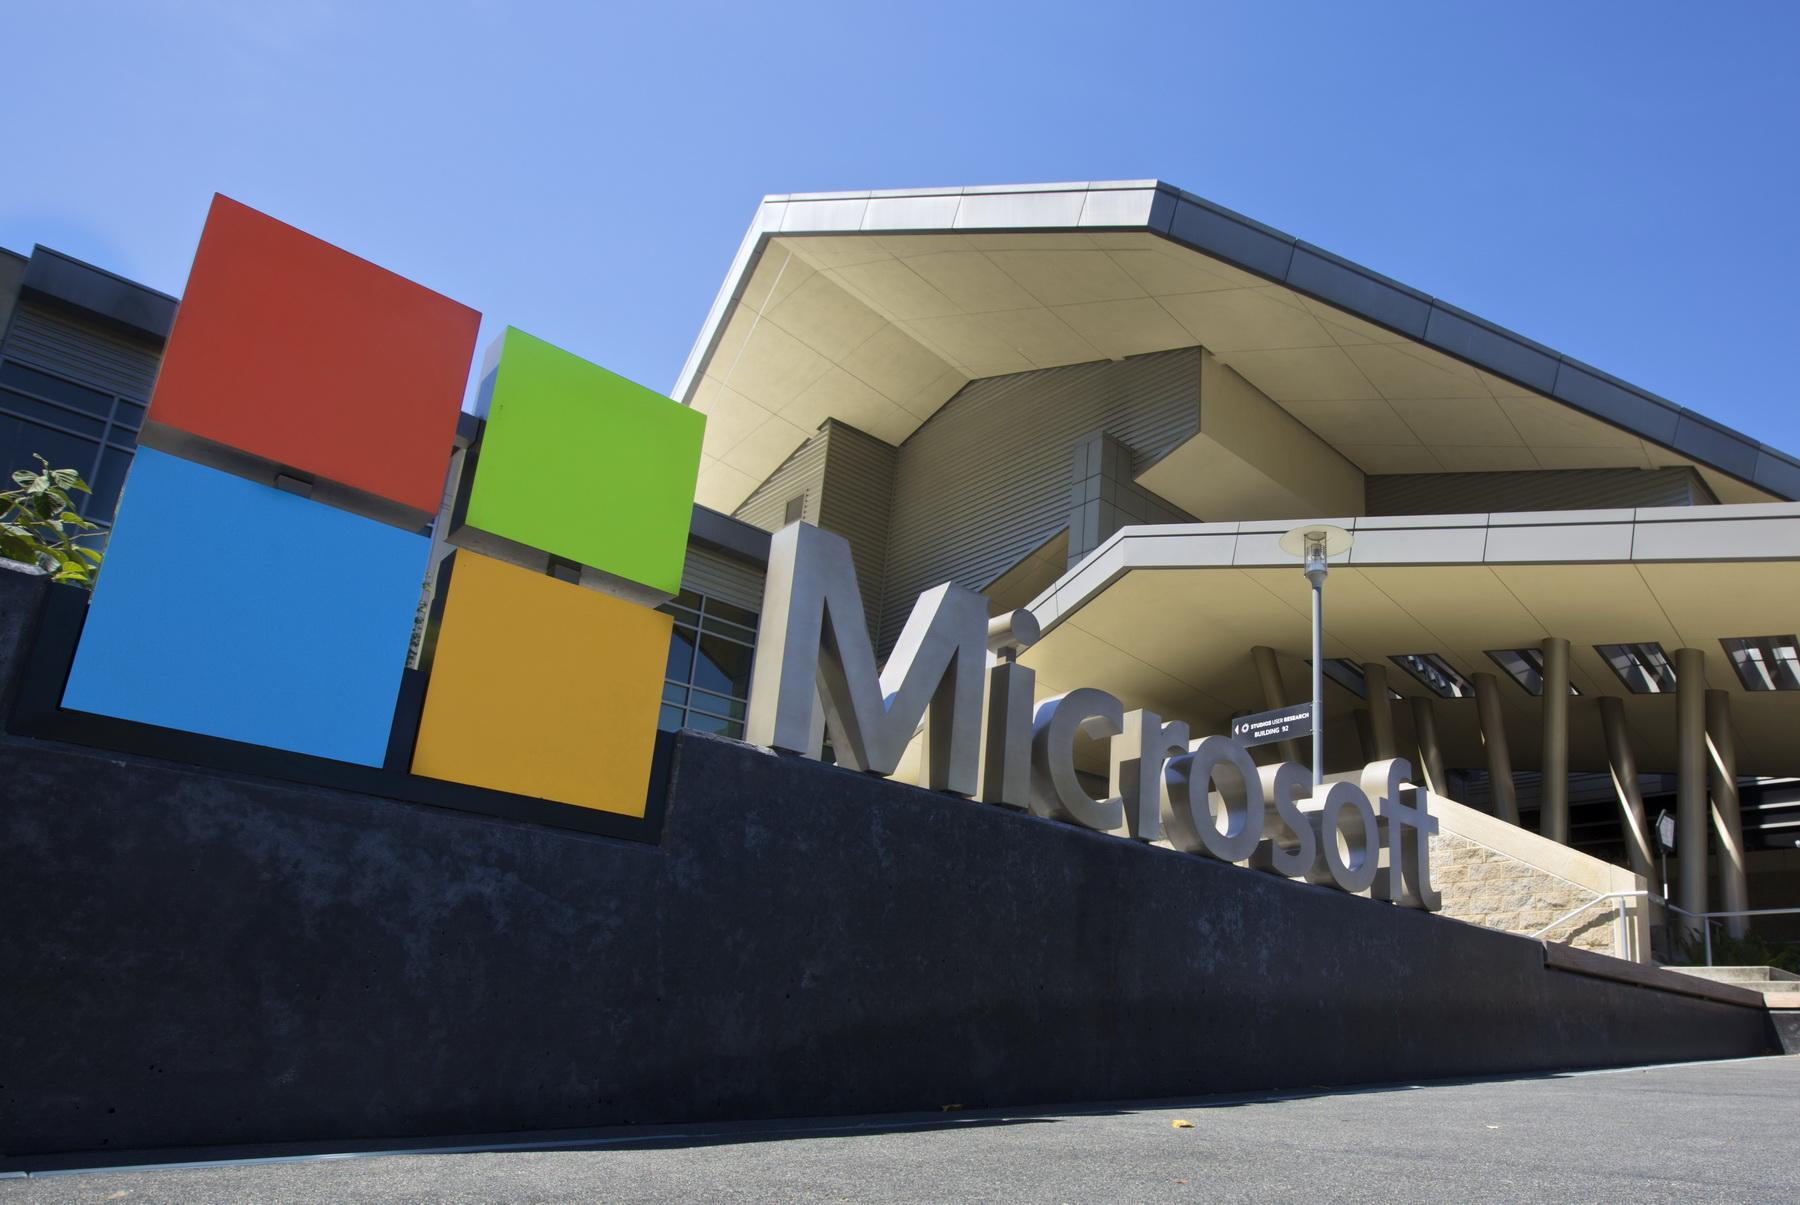 Google раскритиковала систему обновлений Microsoft. В ответ Microsoft рассказала о RCE-баге в Chrome